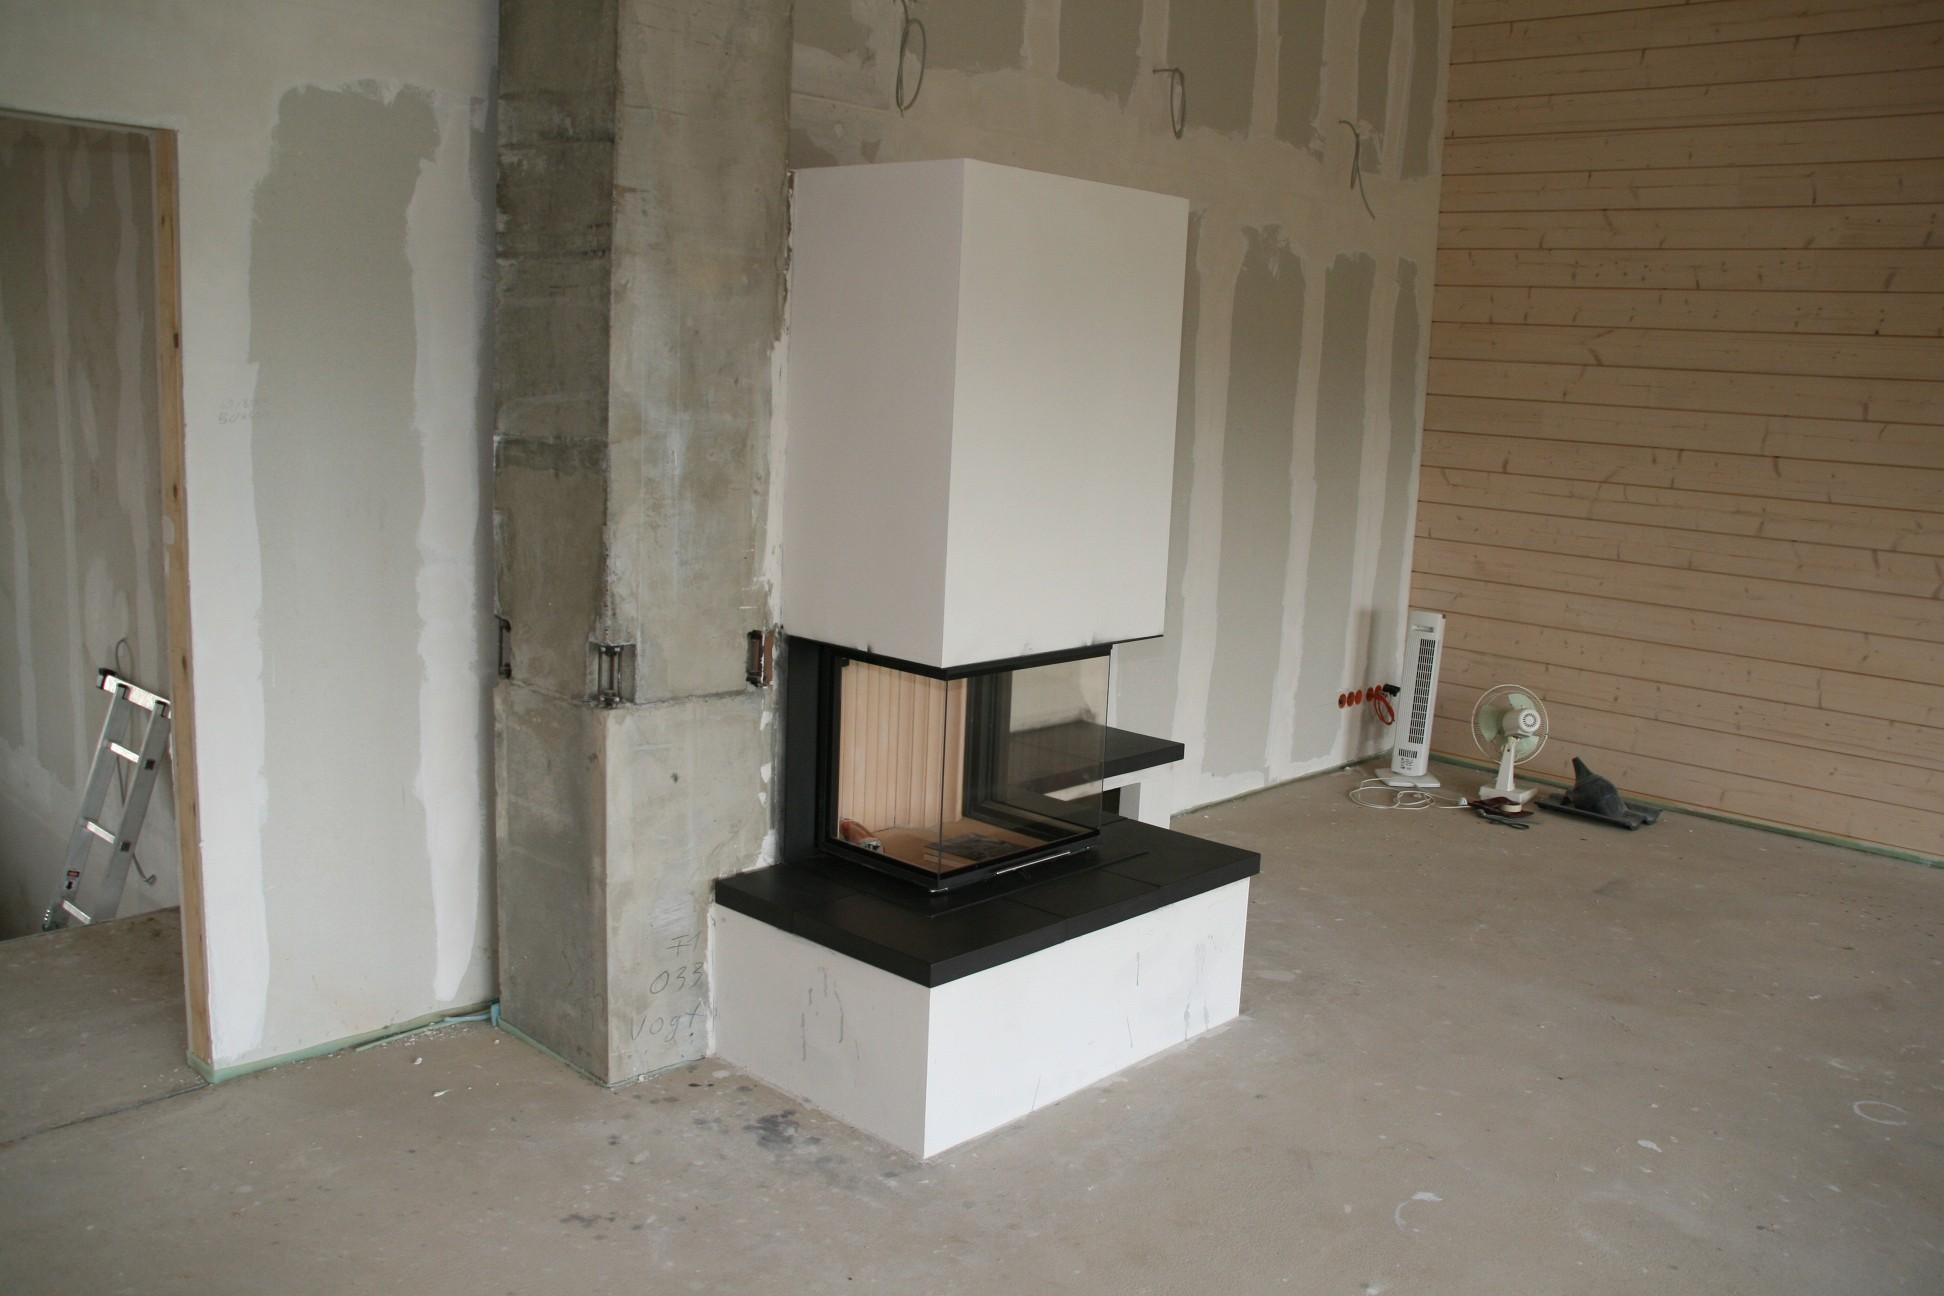 kamin einbauen simple kamin einbauen kosten frisch. Black Bedroom Furniture Sets. Home Design Ideas